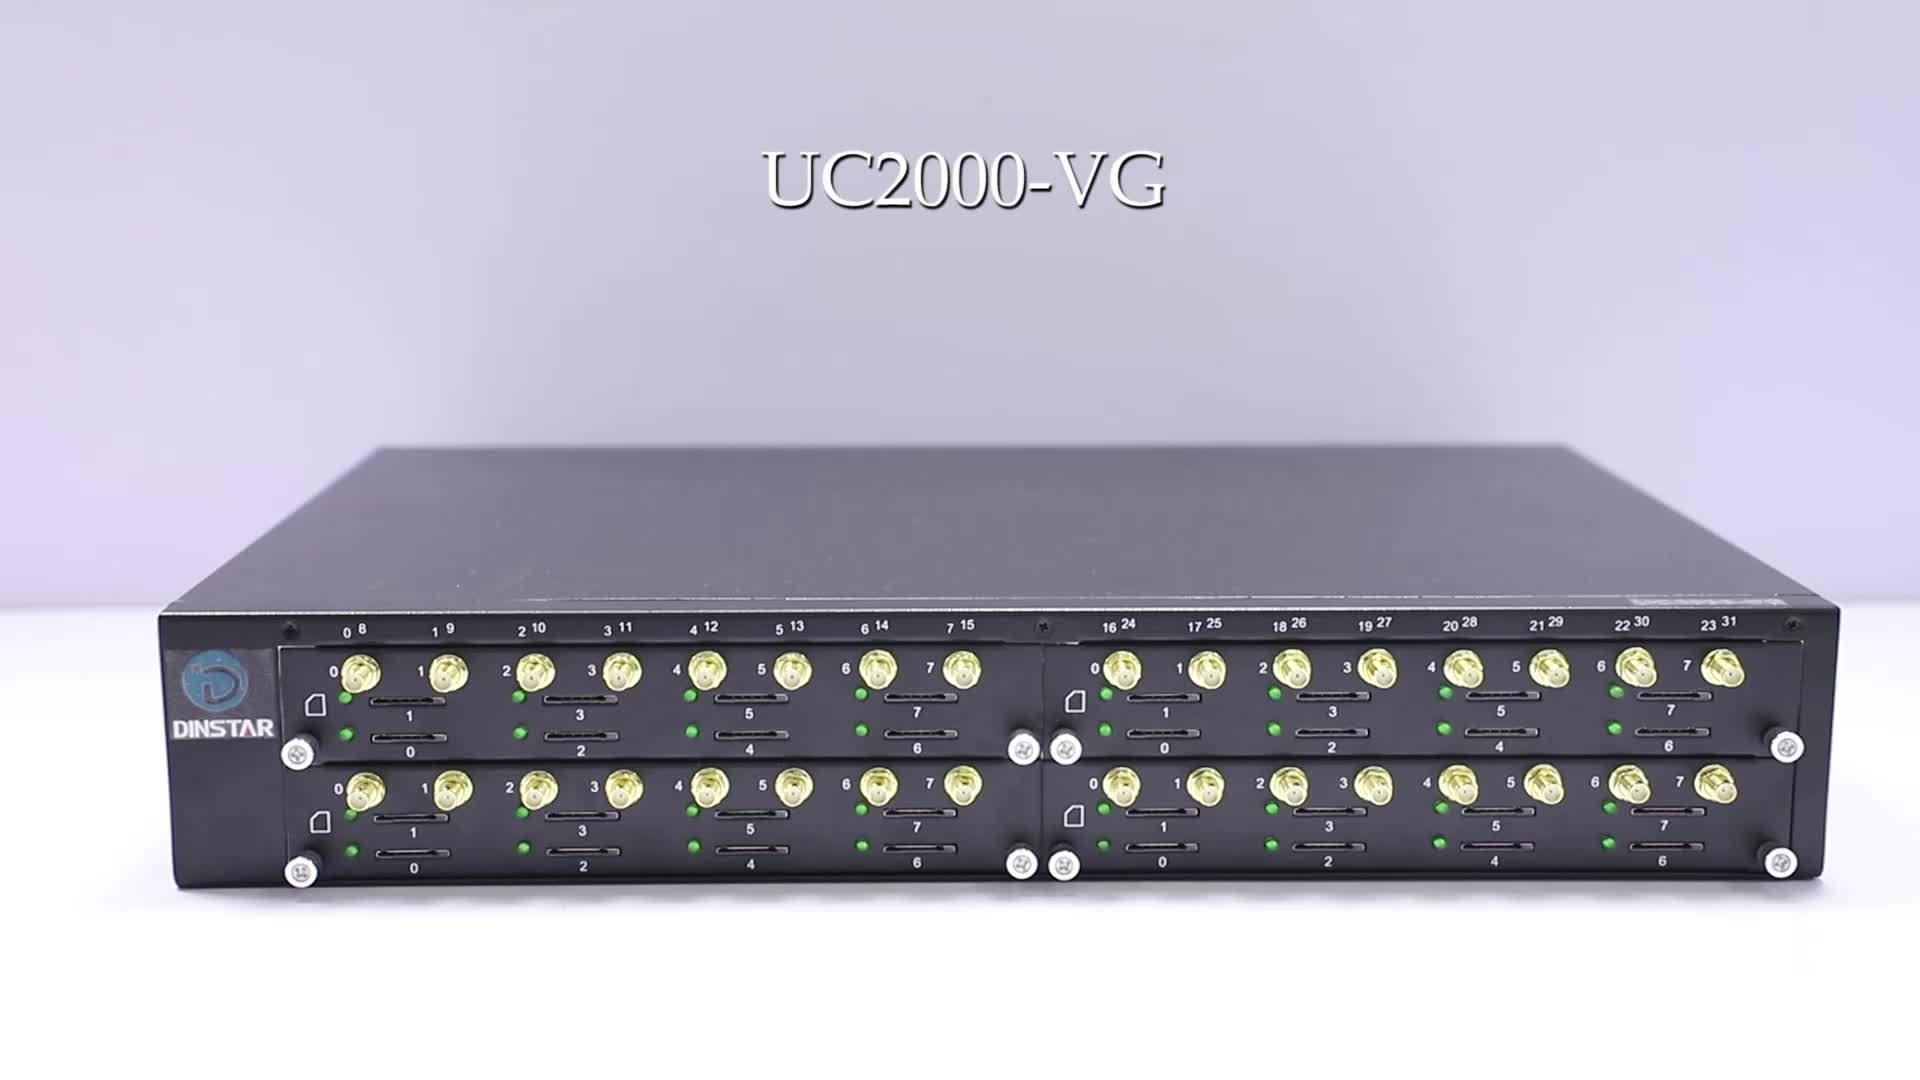 Asiisk Sip Gateway 32 Port SMS Gsm Voip Gateway